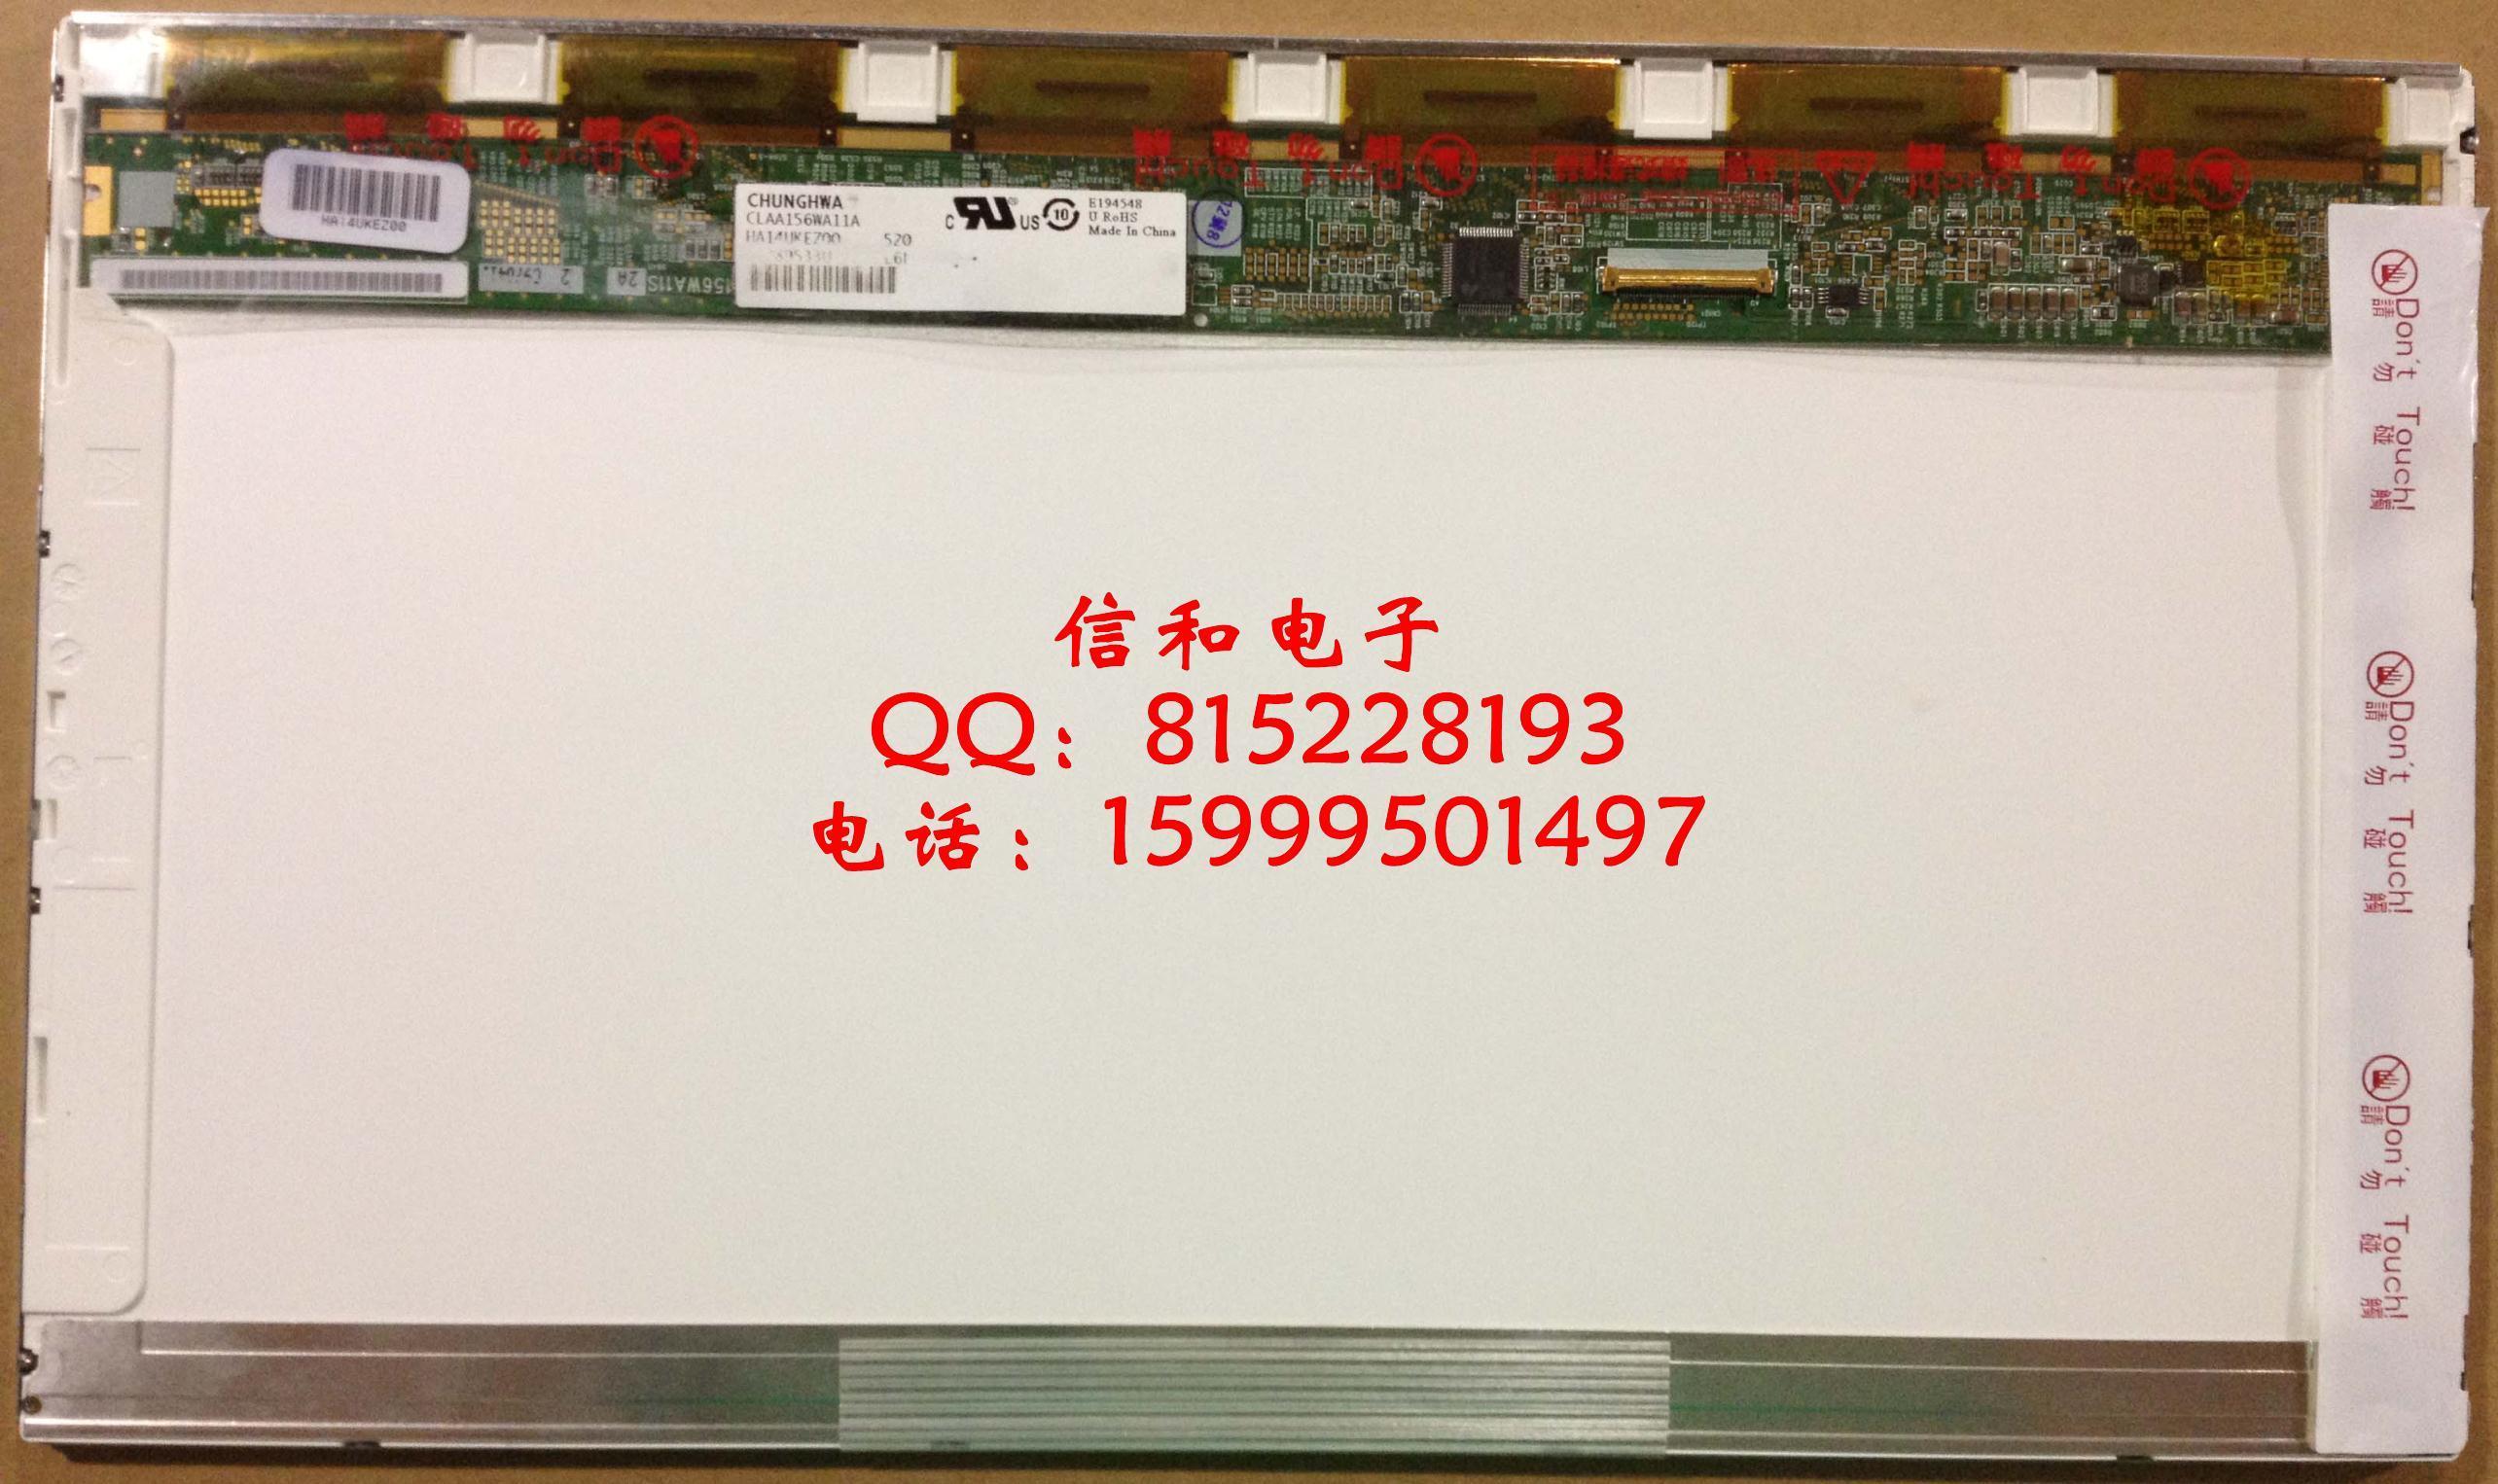 Комплектующие и запчасти для ноутбуков CLAA156WA11A CLAA156WB11A LTN156AT15 156LED запчасти